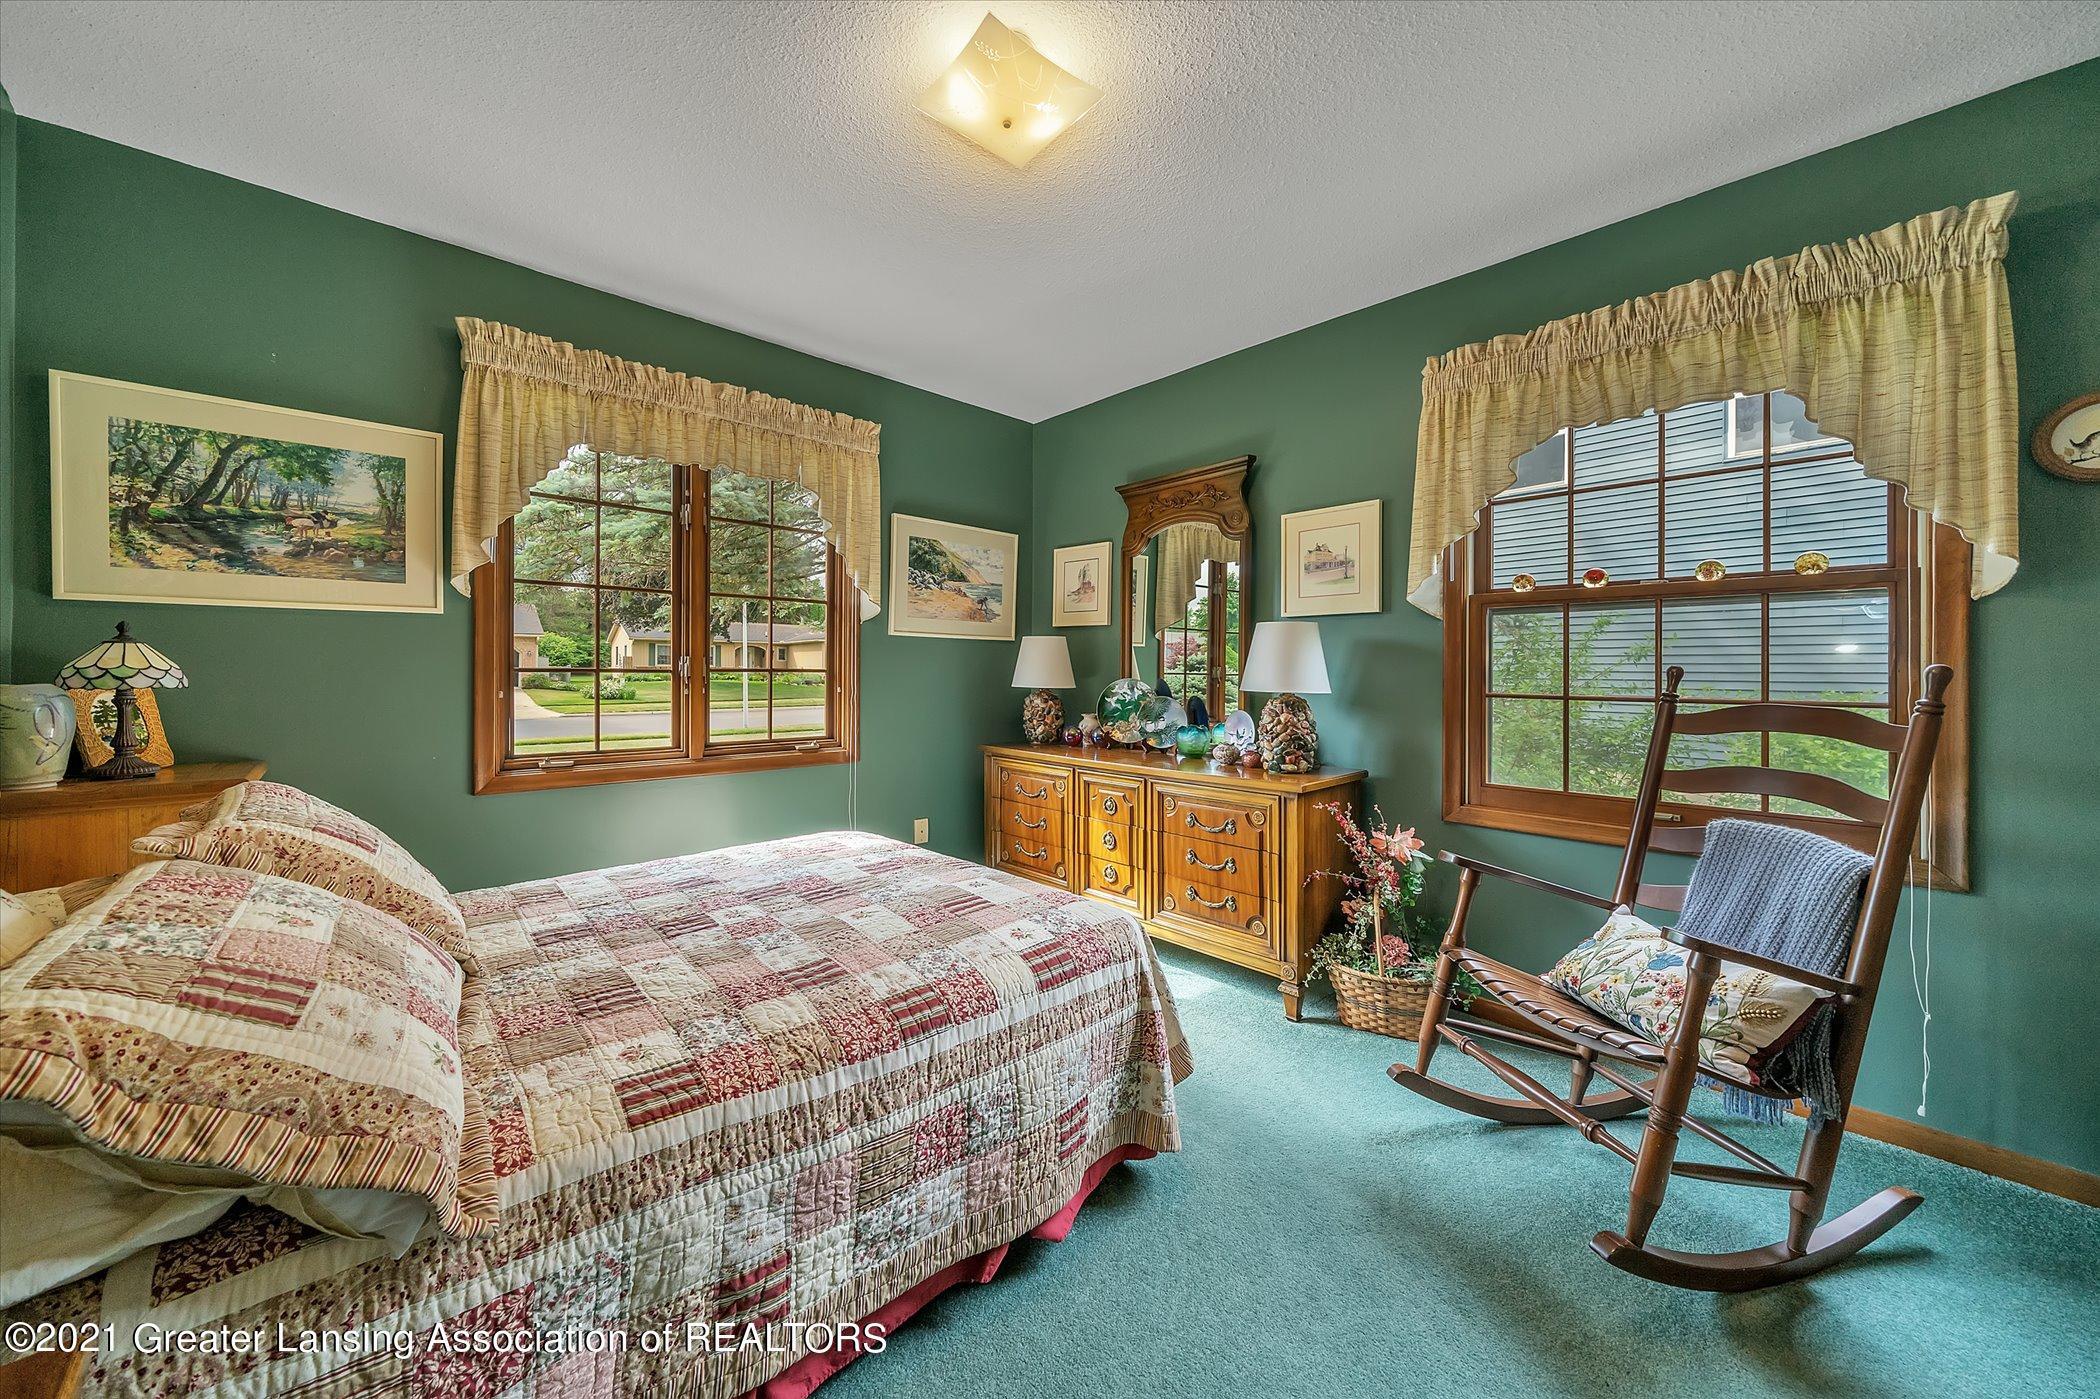 5556 Wood Valley Dr - (16) MAIN FLOOR  Bedroom 2 - 16